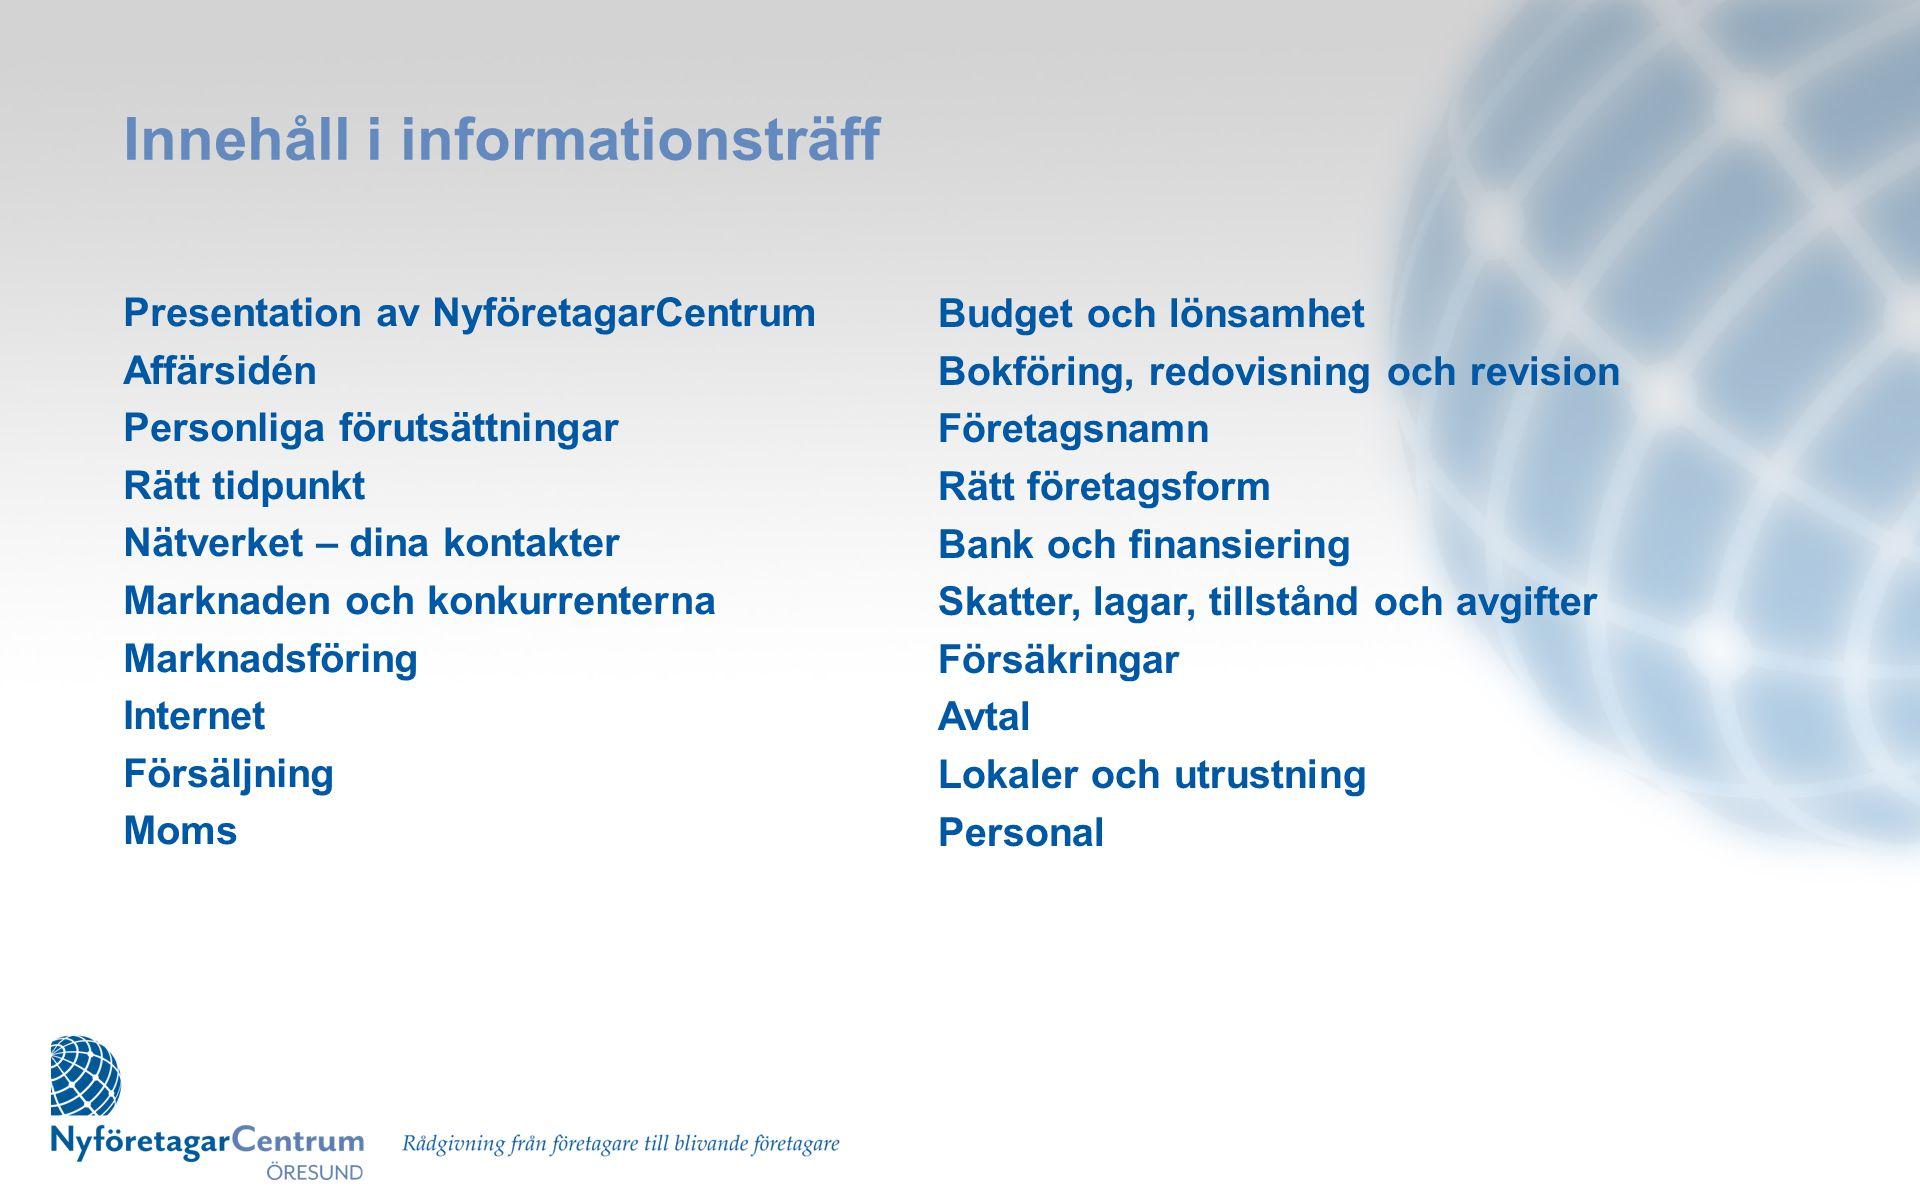 Innehåll i informationsträff Presentation av NyföretagarCentrum Affärsidén Personliga förutsättningar Rätt tidpunkt Nätverket – dina kontakter Marknad